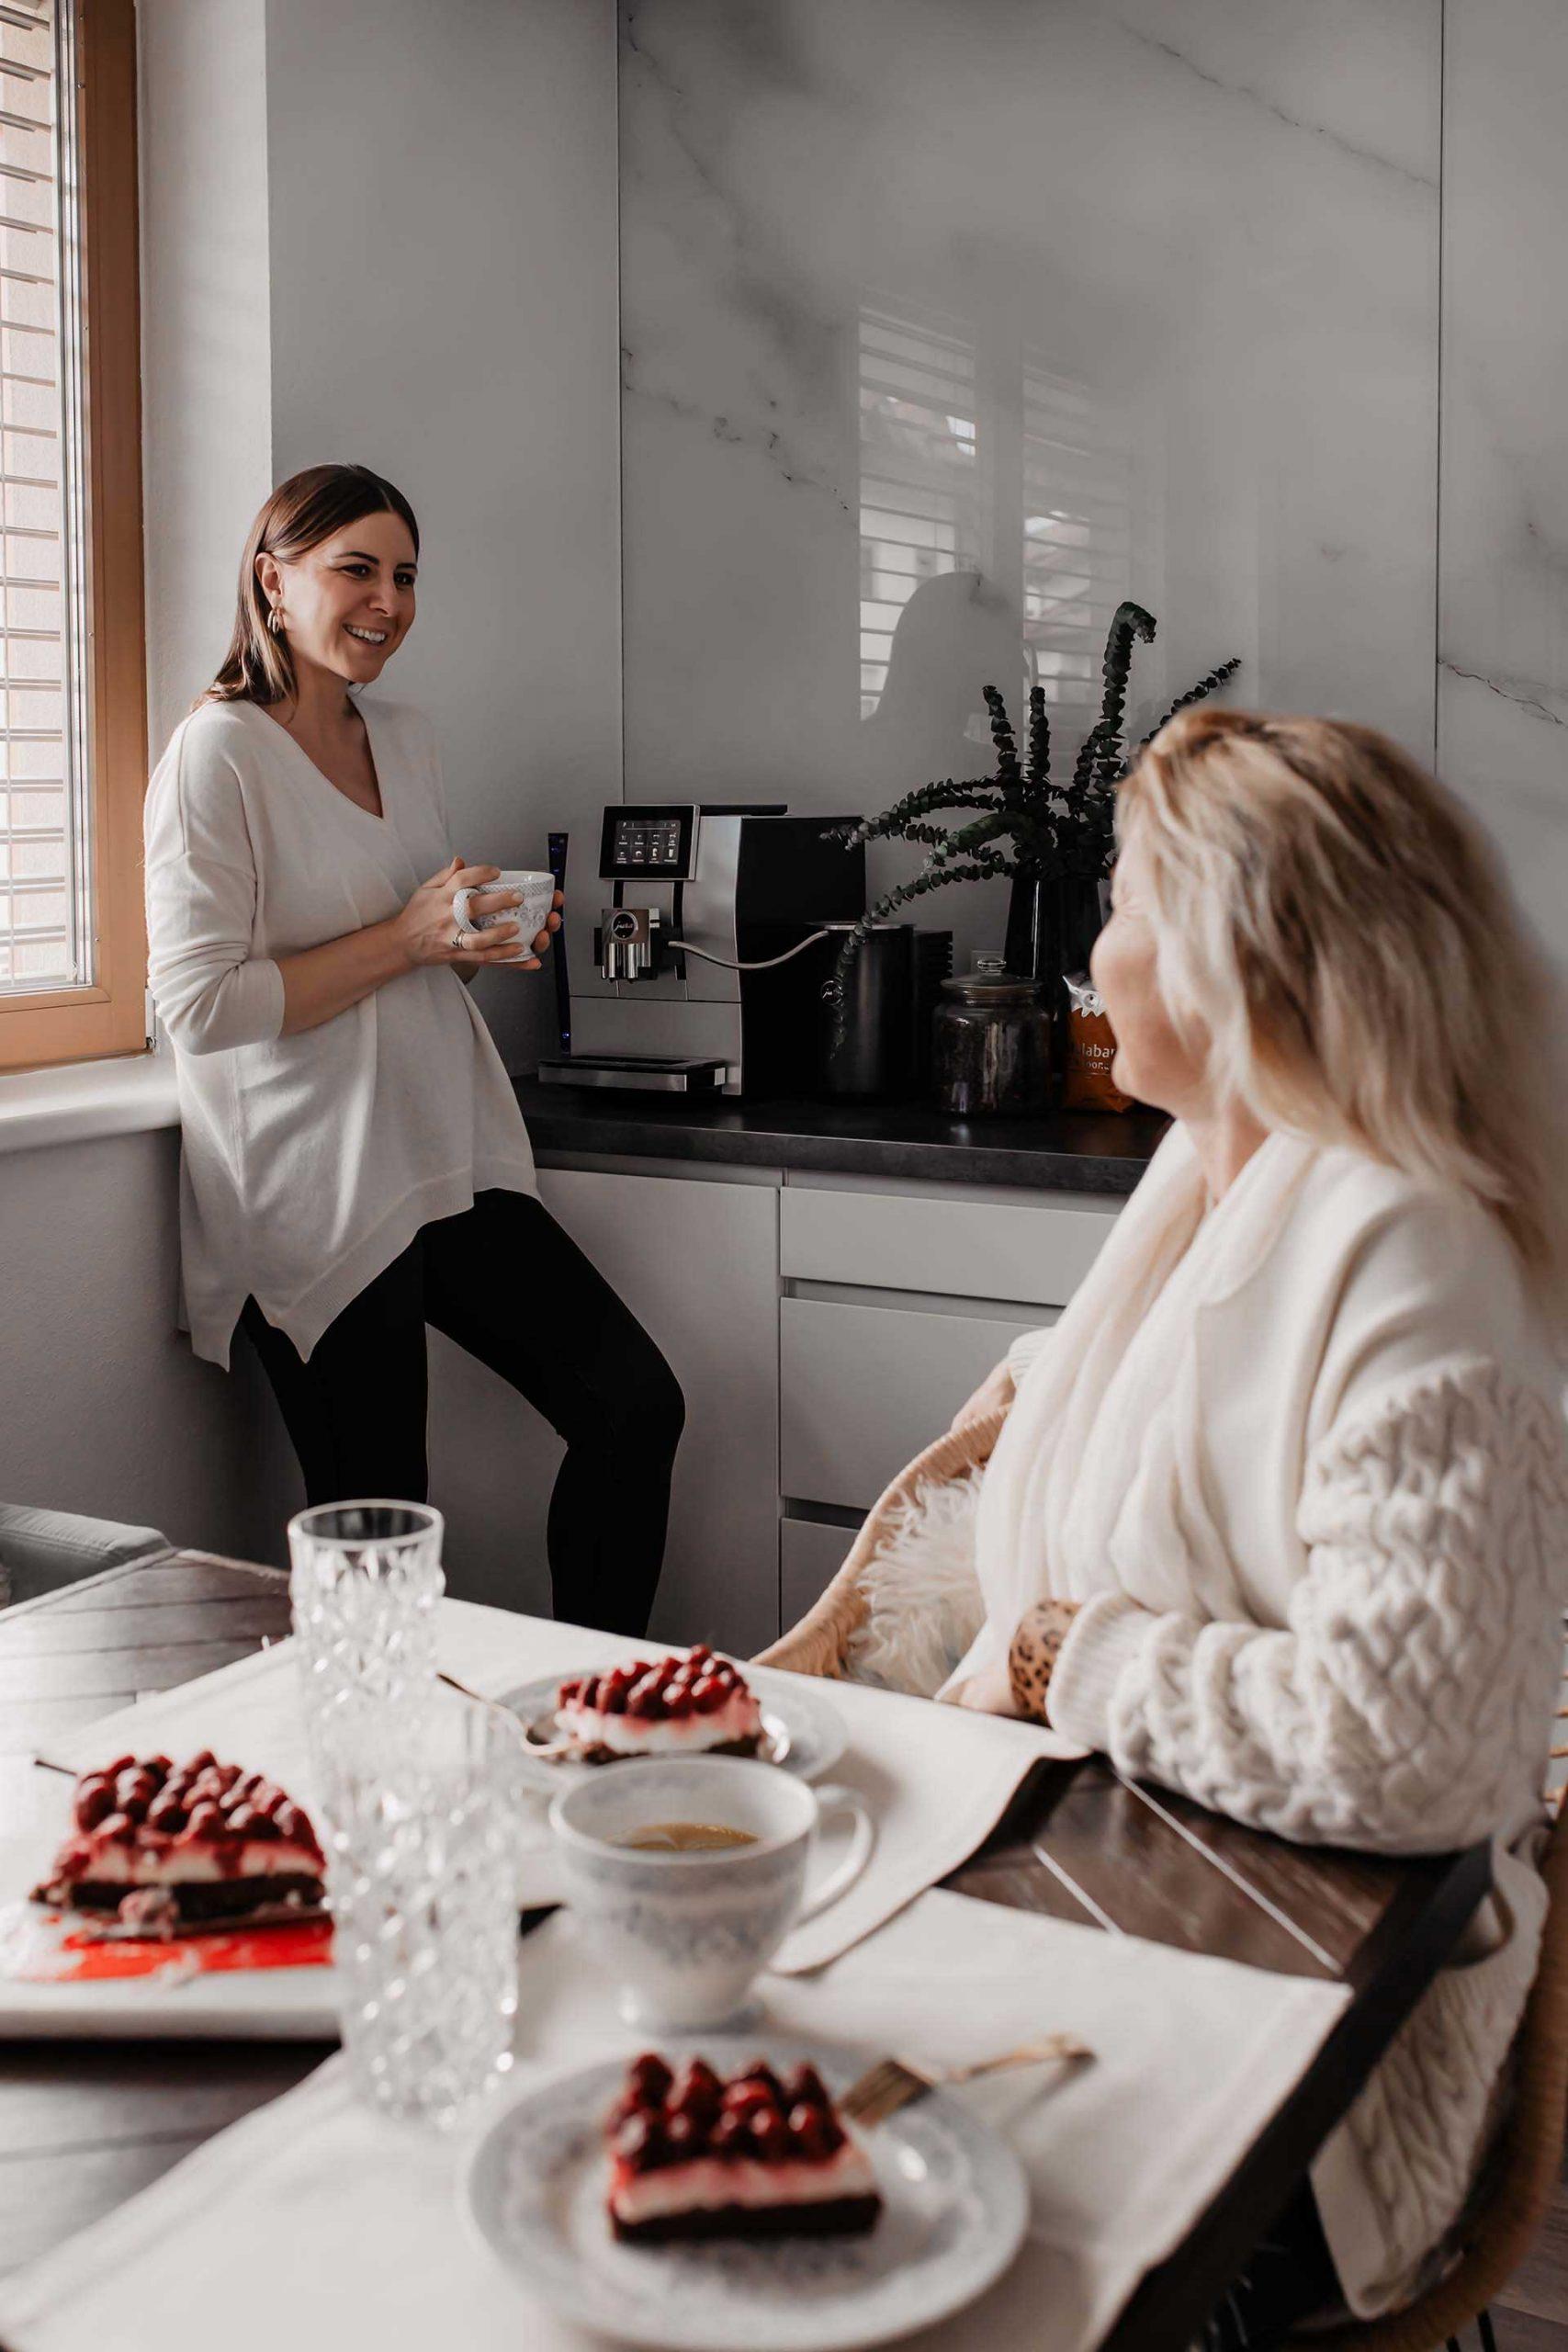 Anzeige. Am 10. Mai ist Muttertag. Um diesen Tag besonders harmonisch zu verbringen, verrate ich dir heute meine Ideen zum Muttertag und kleine Muttertagsgeschenke! www.whoismocca.com #muttertag